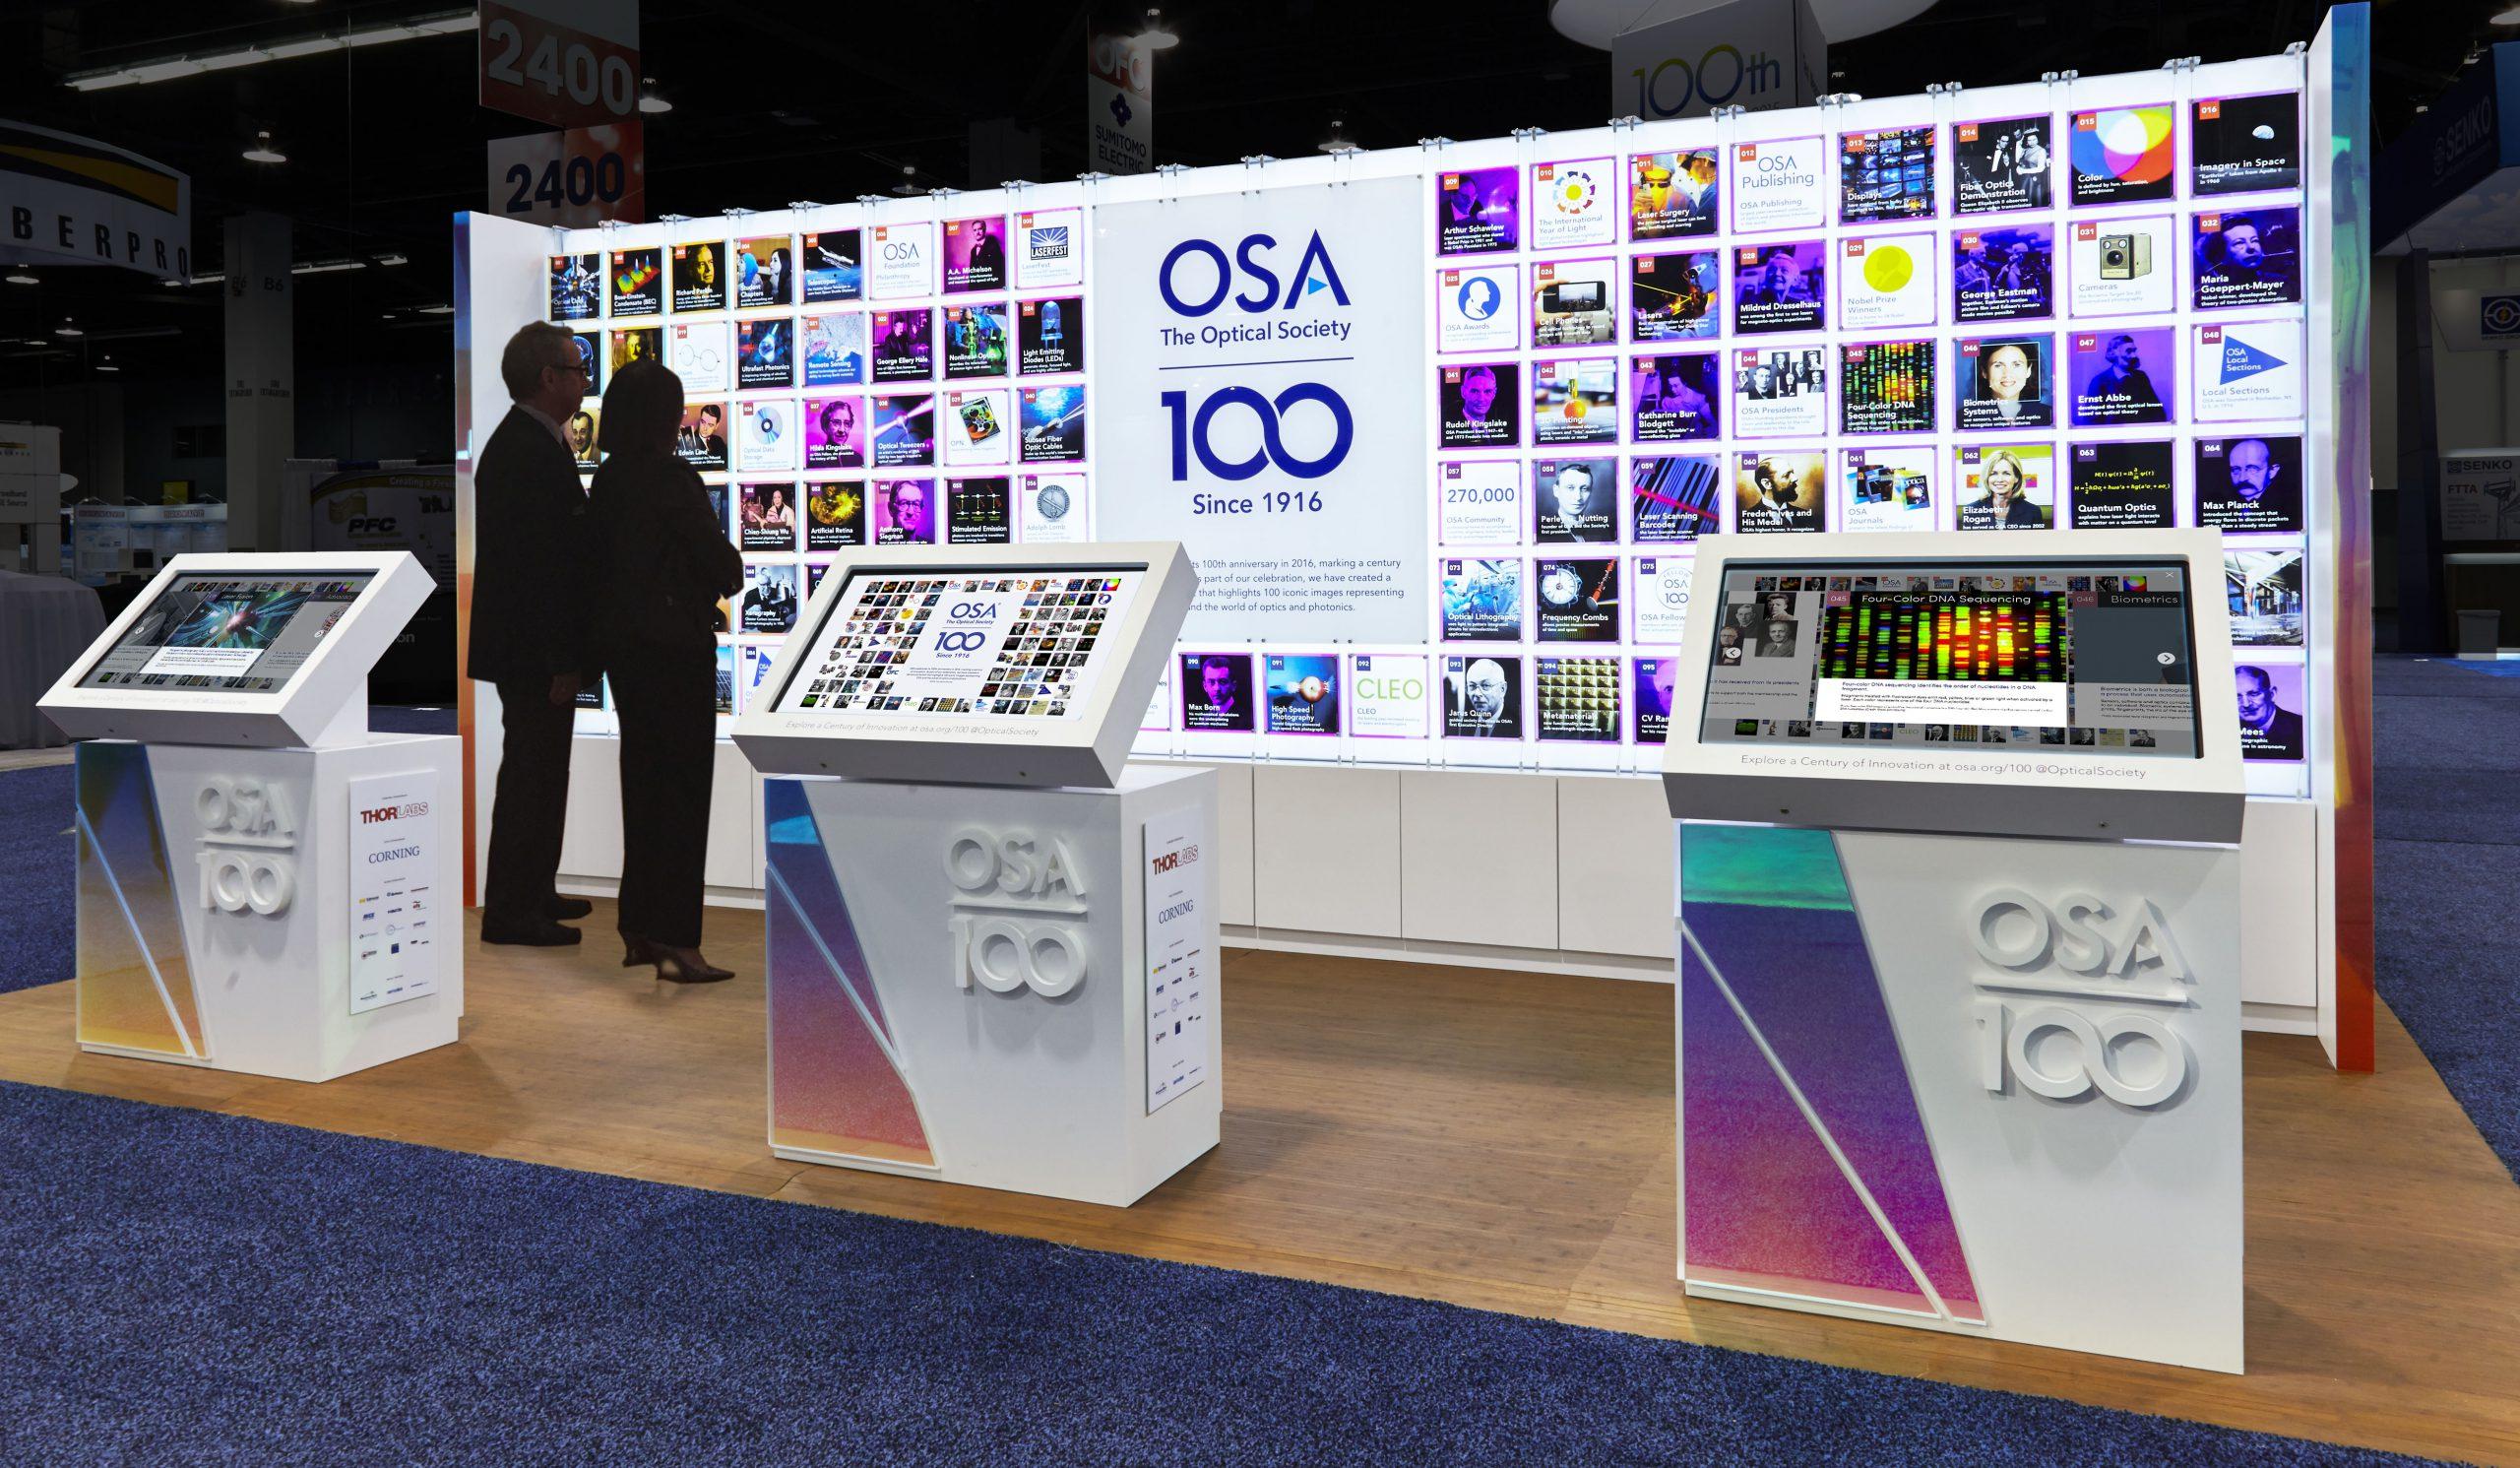 The Optical Society centennial celebration